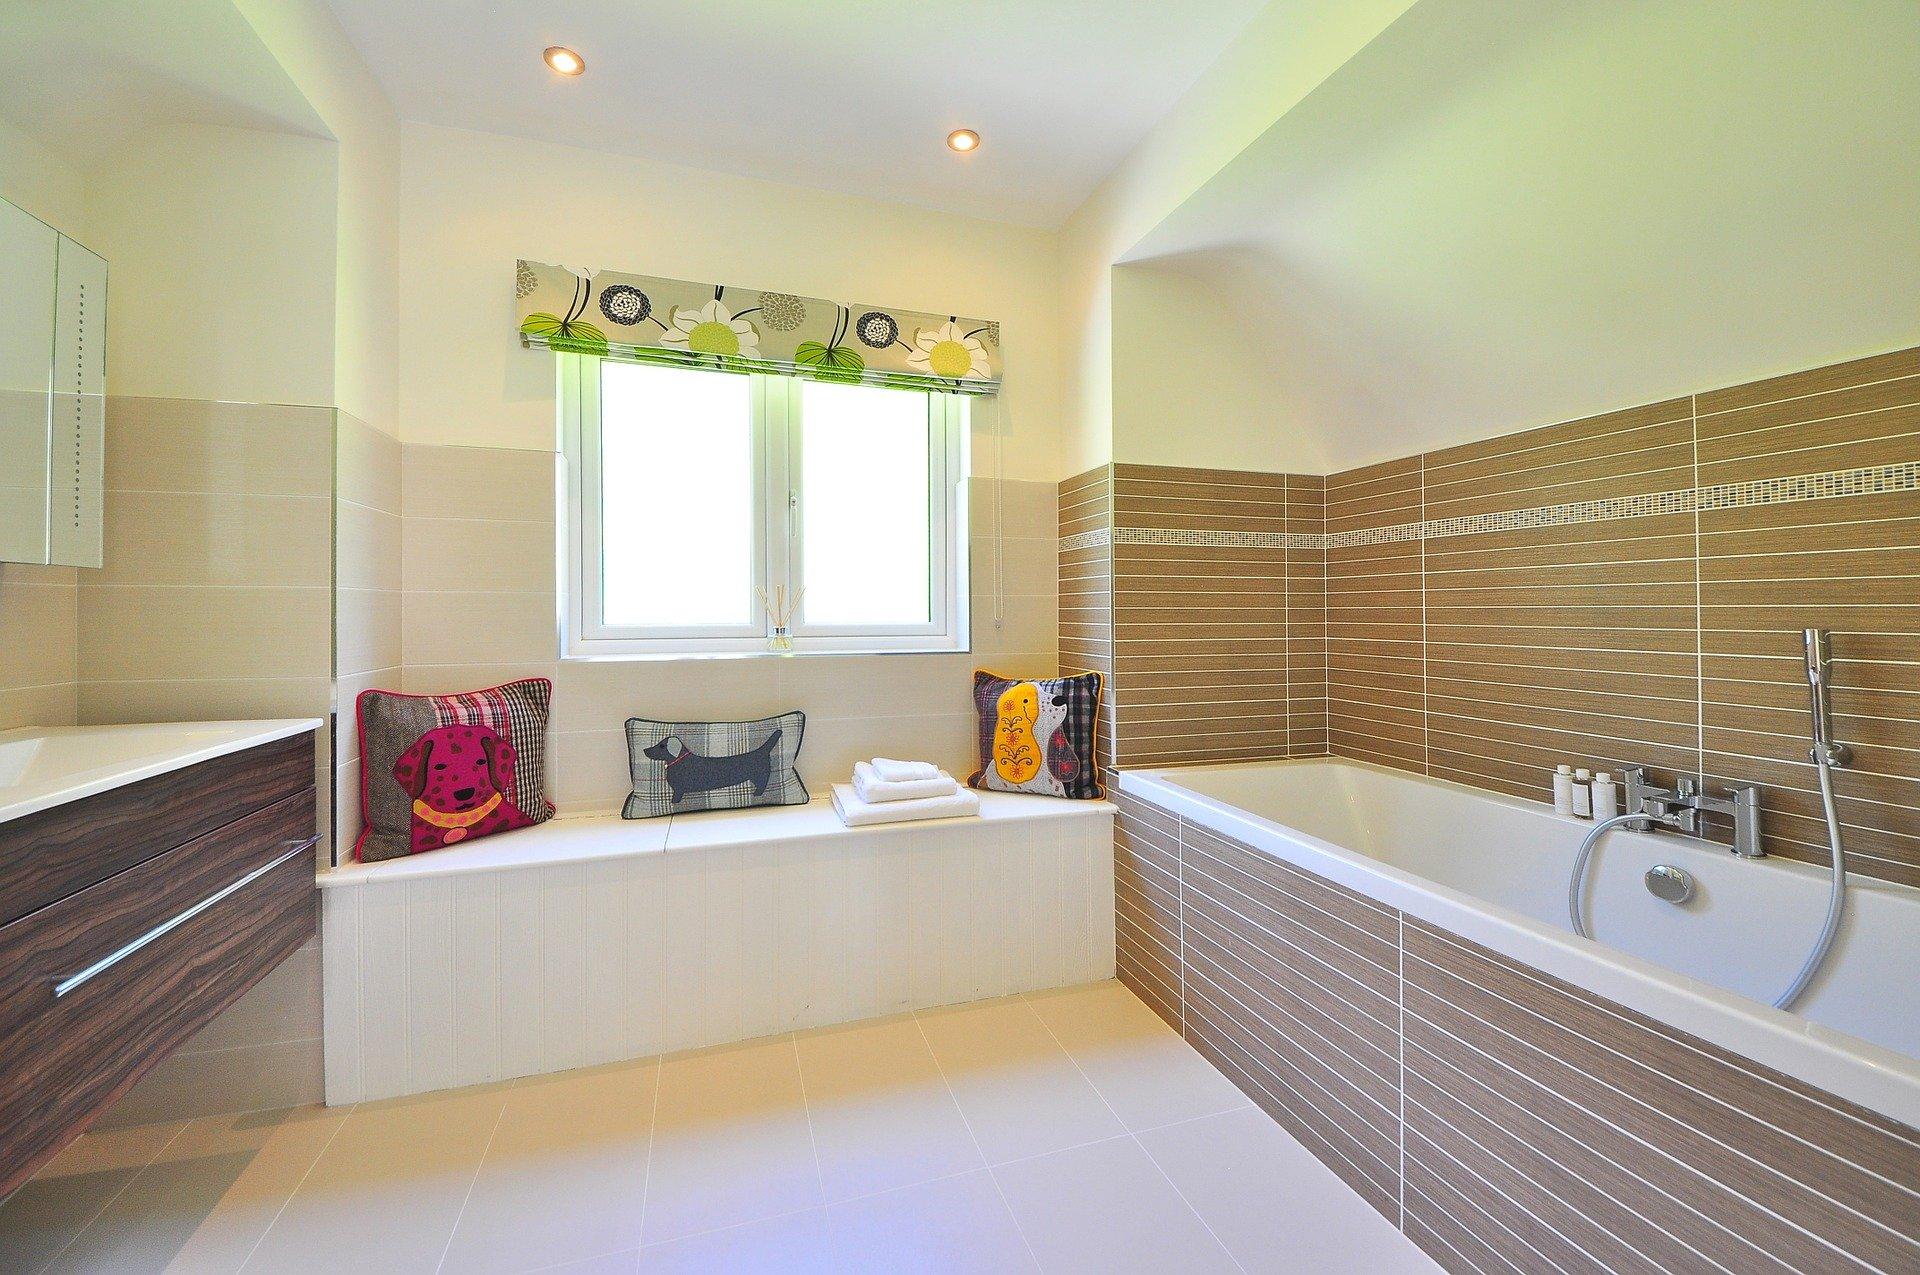 bathroom-1336162_1920 (1)